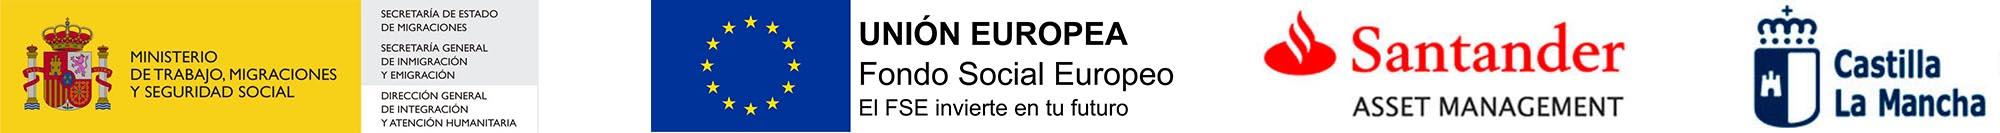 Fundación Valsé grupo de logo 1